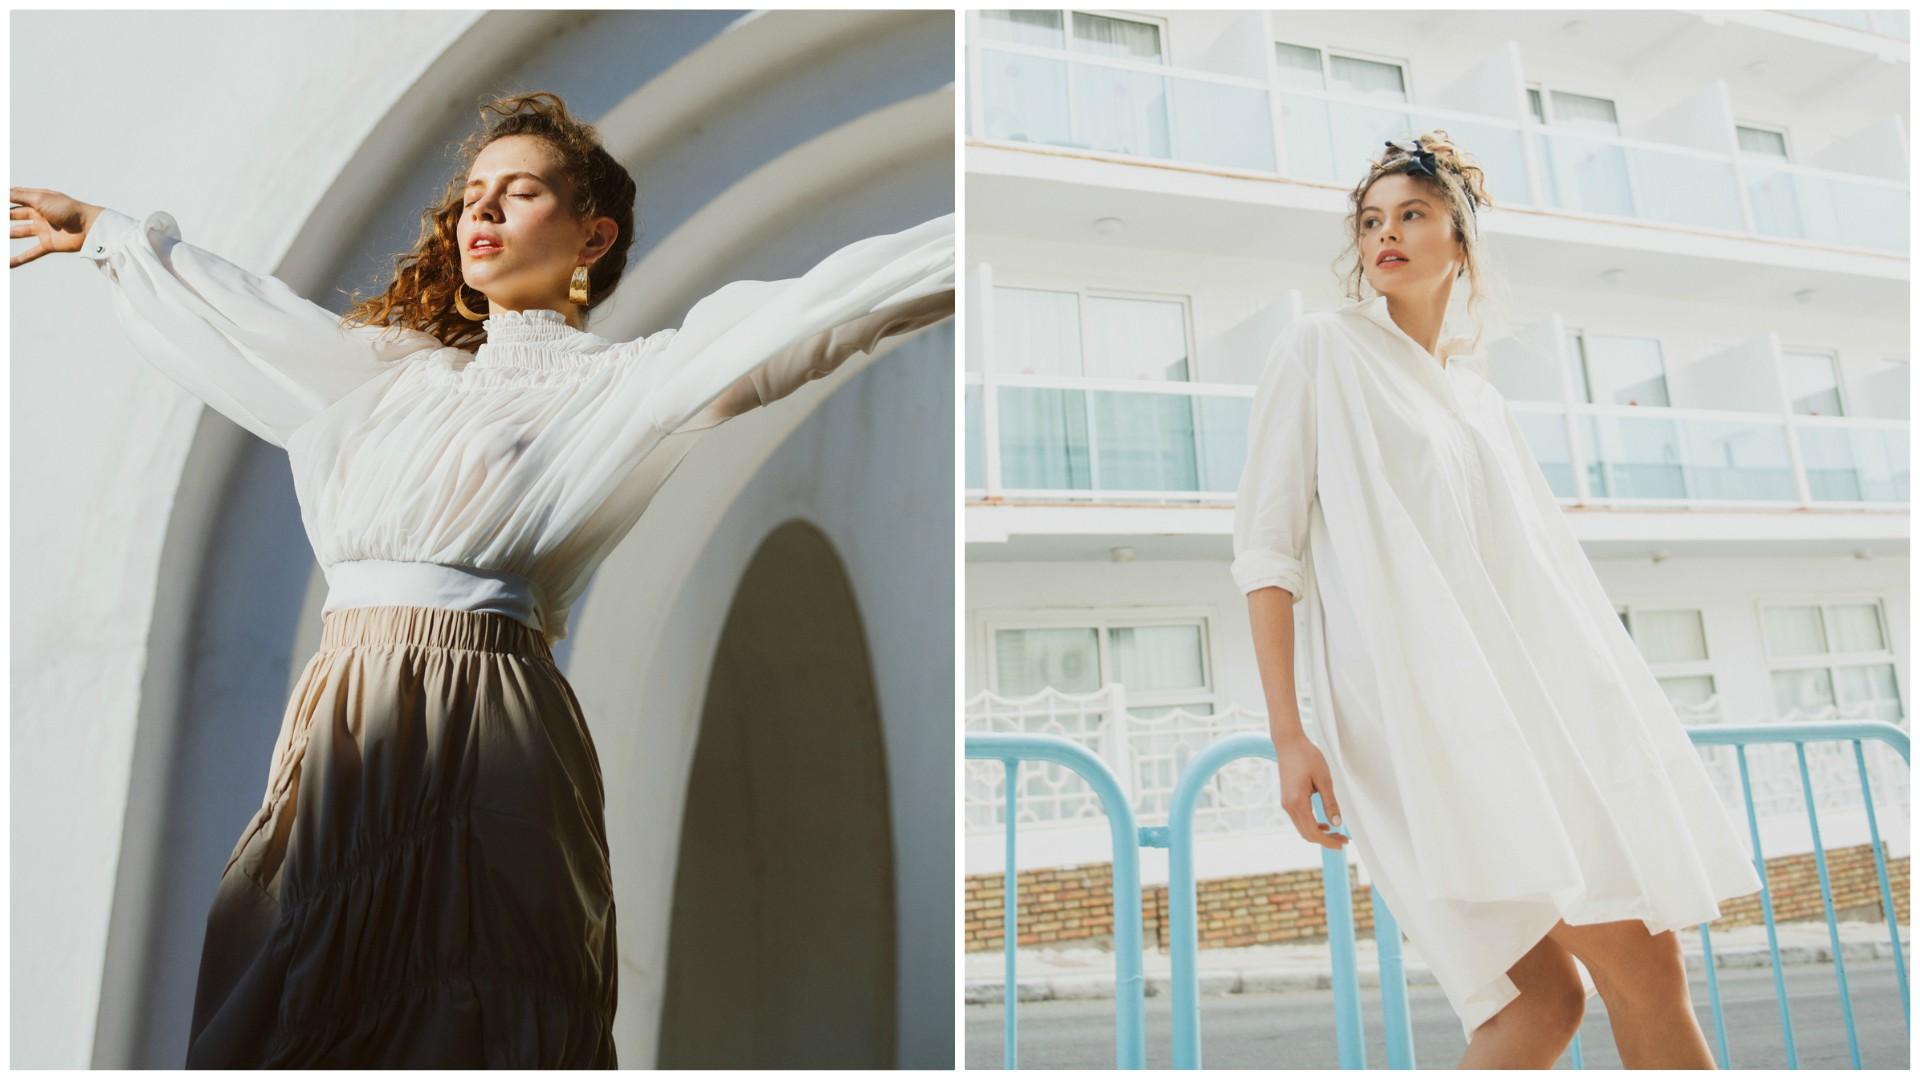 Utalentowana modelka została twarzą nowej kampanii polskiej marki. Ubrania możecie już kupić online